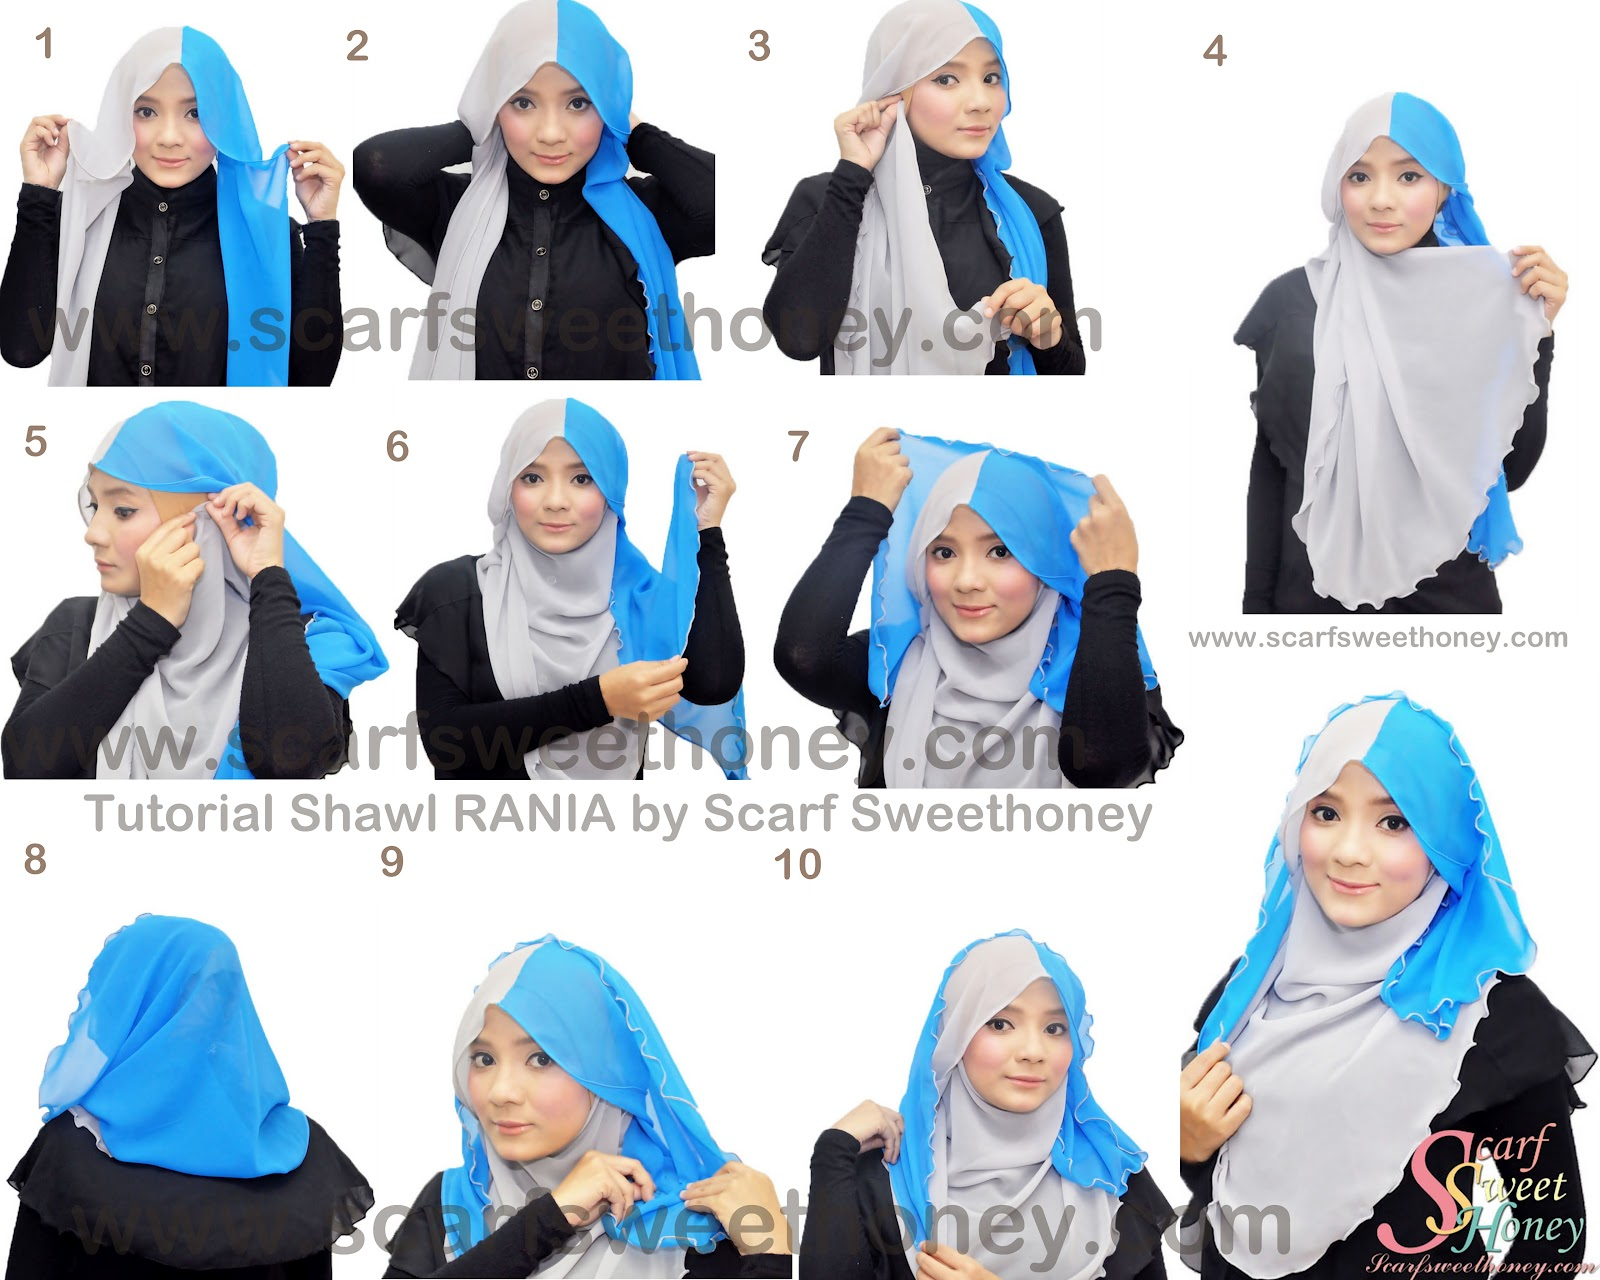 Cara Memakai Shawl Chiffon RANIA Tutorial Memakai Jilbab Hijab